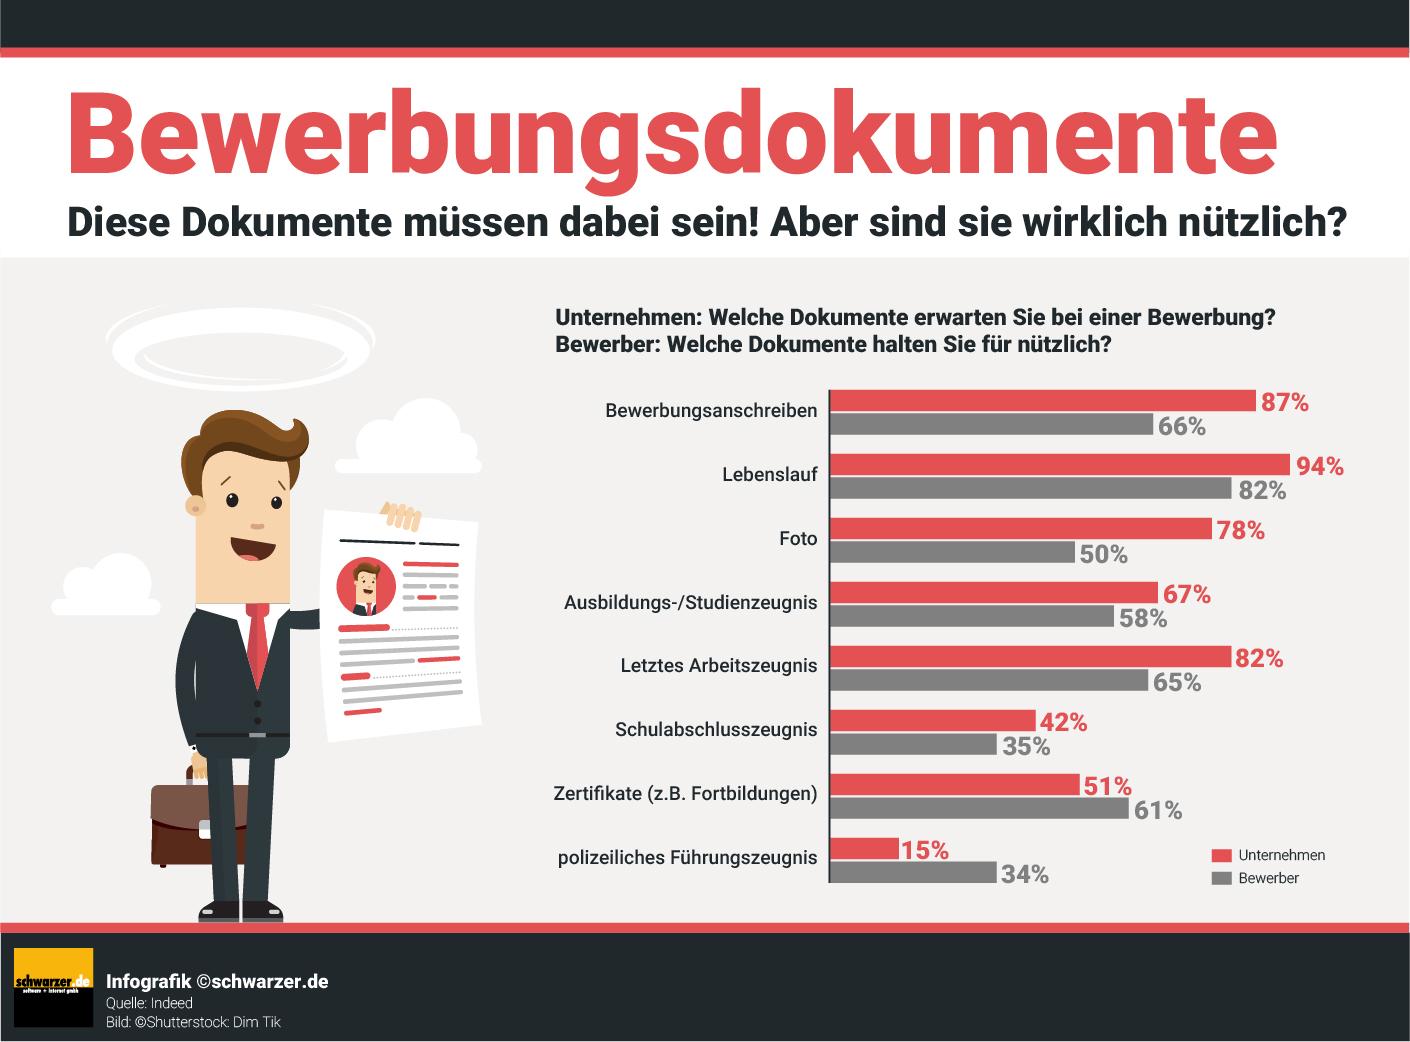 Infografik: Diese Bewerbungsdokumente müssen dabei sein - wie nützlich sind sie